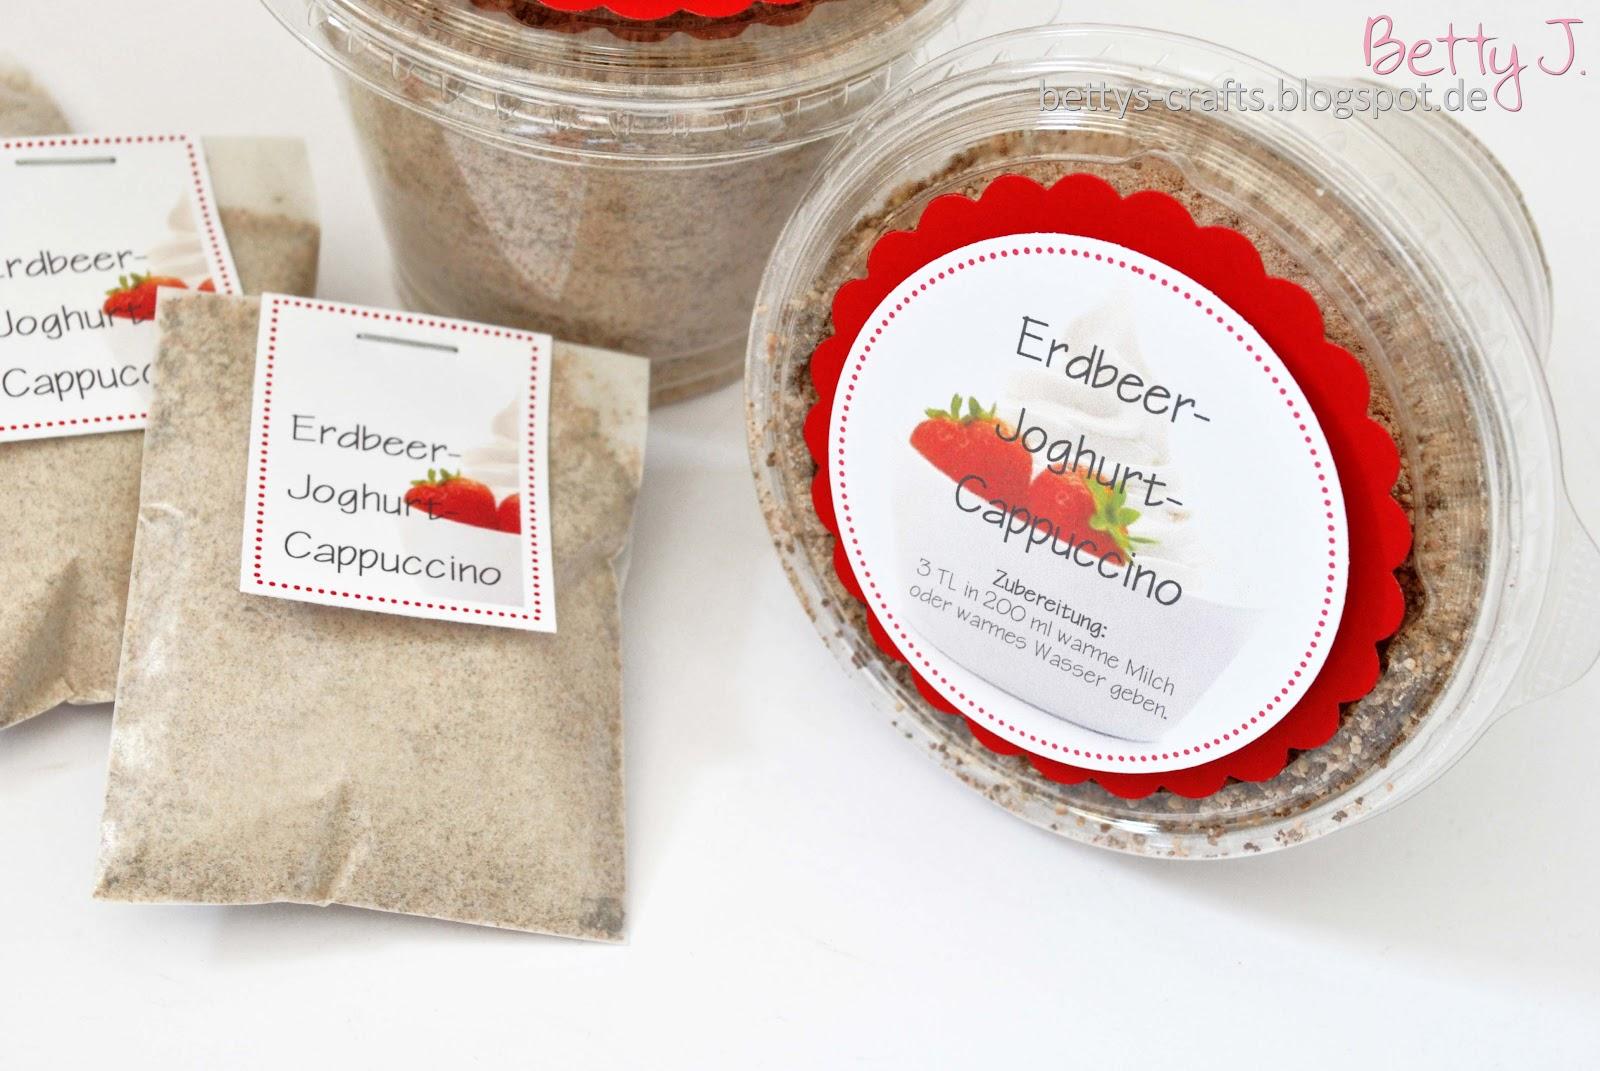 Bettys crafts erdbeer joghurt cappuccino pulver